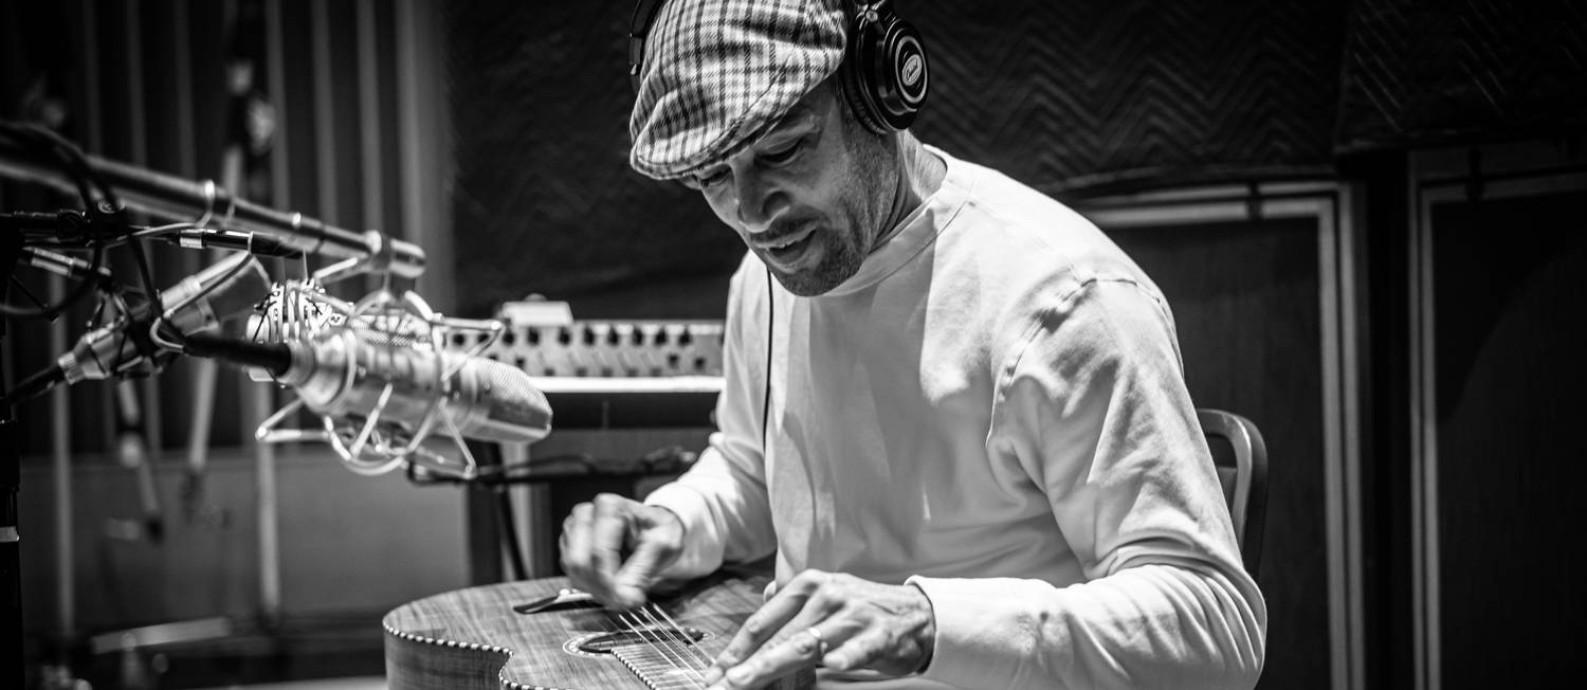 O cantor e compositor americano Ben Harper Foto: Mathieu Bitton